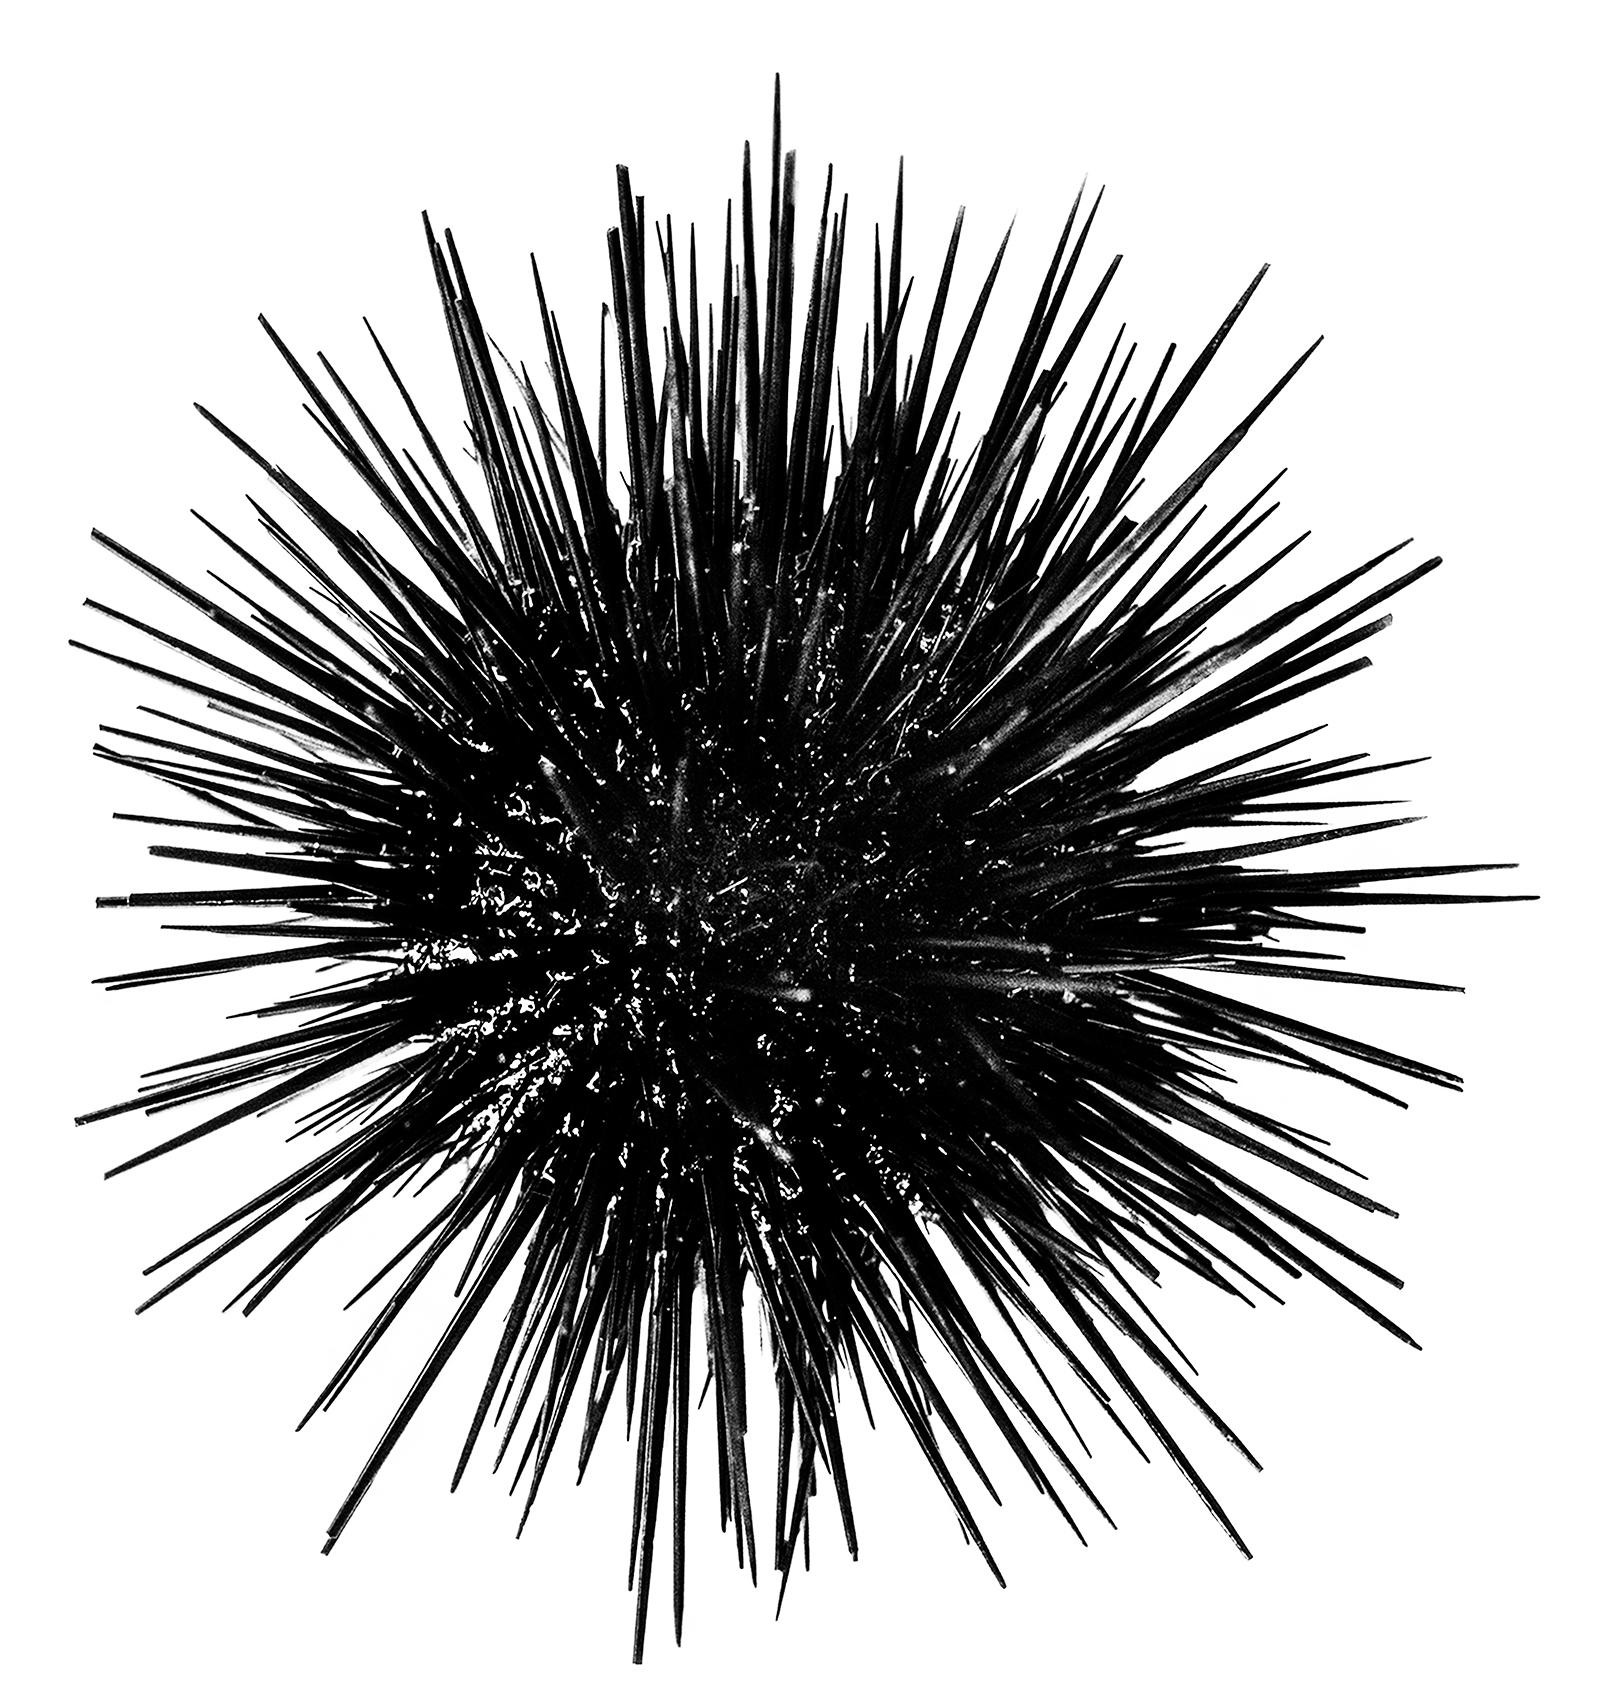 _DSC3019_Urchin_cropped_web ready.jpg